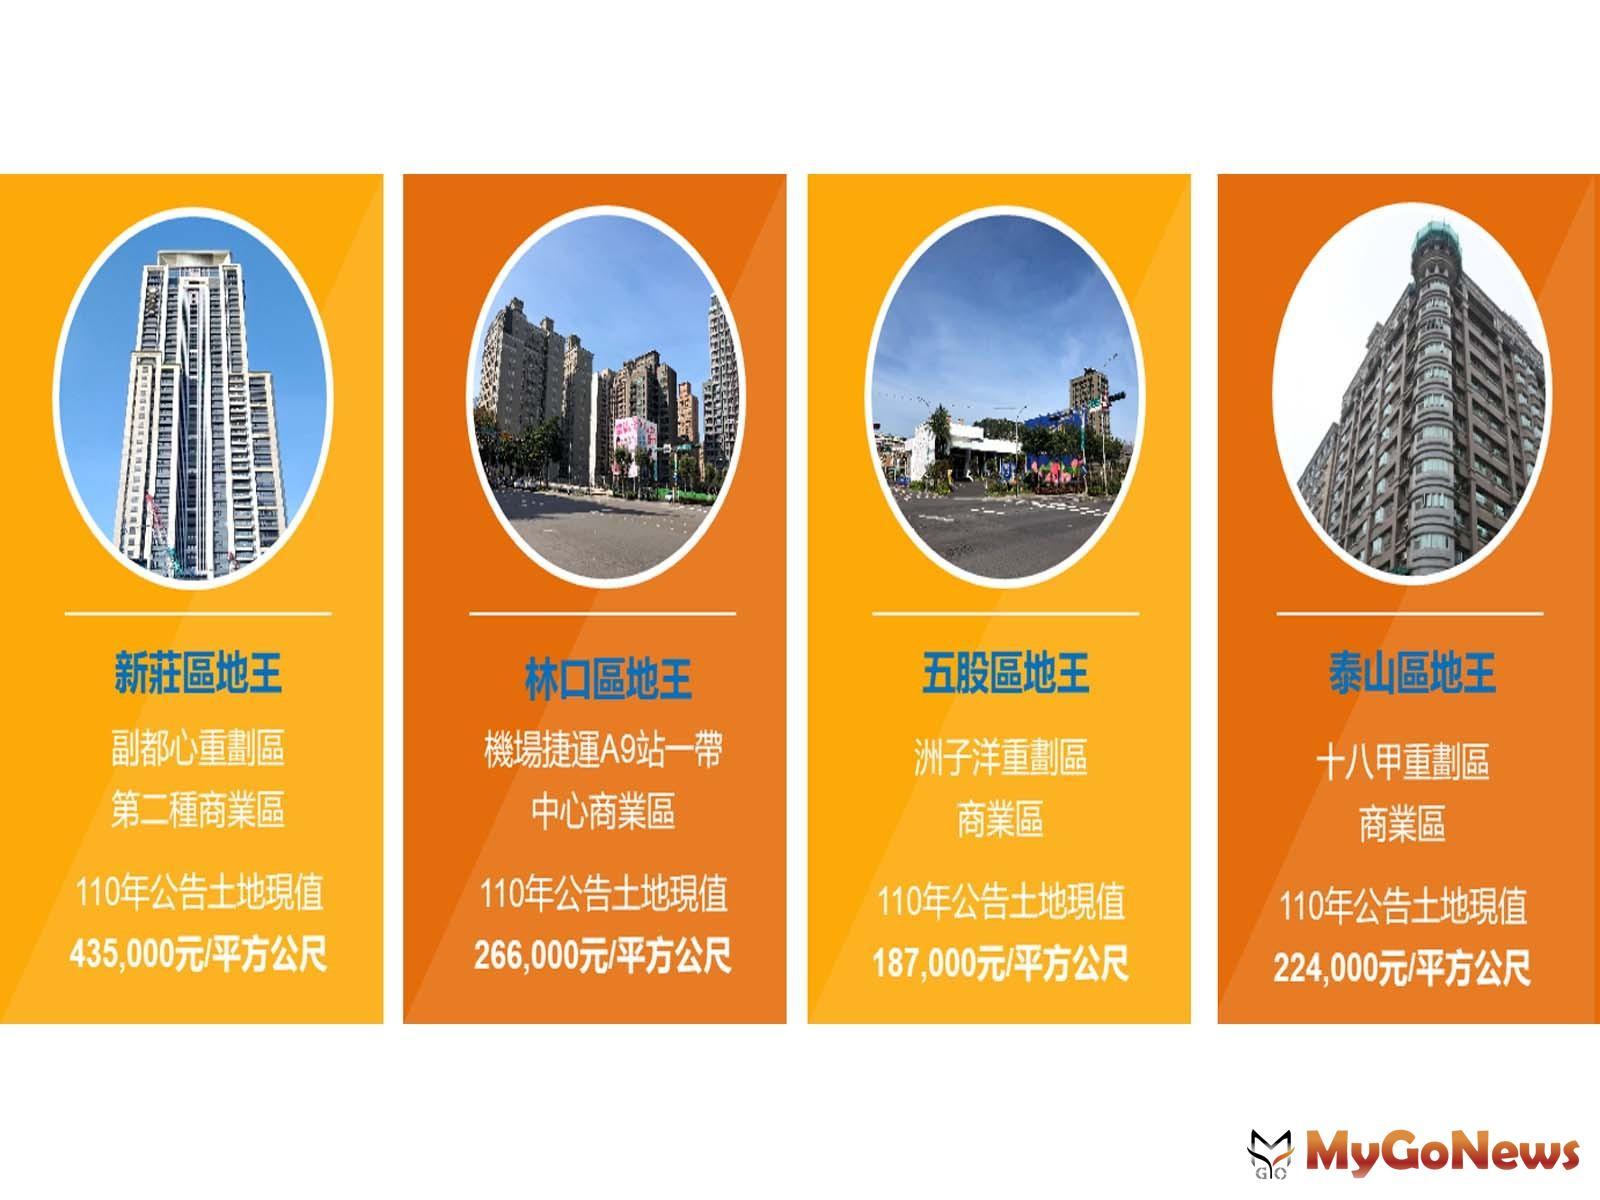 2021年新林五泰地王大公開(圖/新北市政府) MyGoNews房地產新聞 區域情報